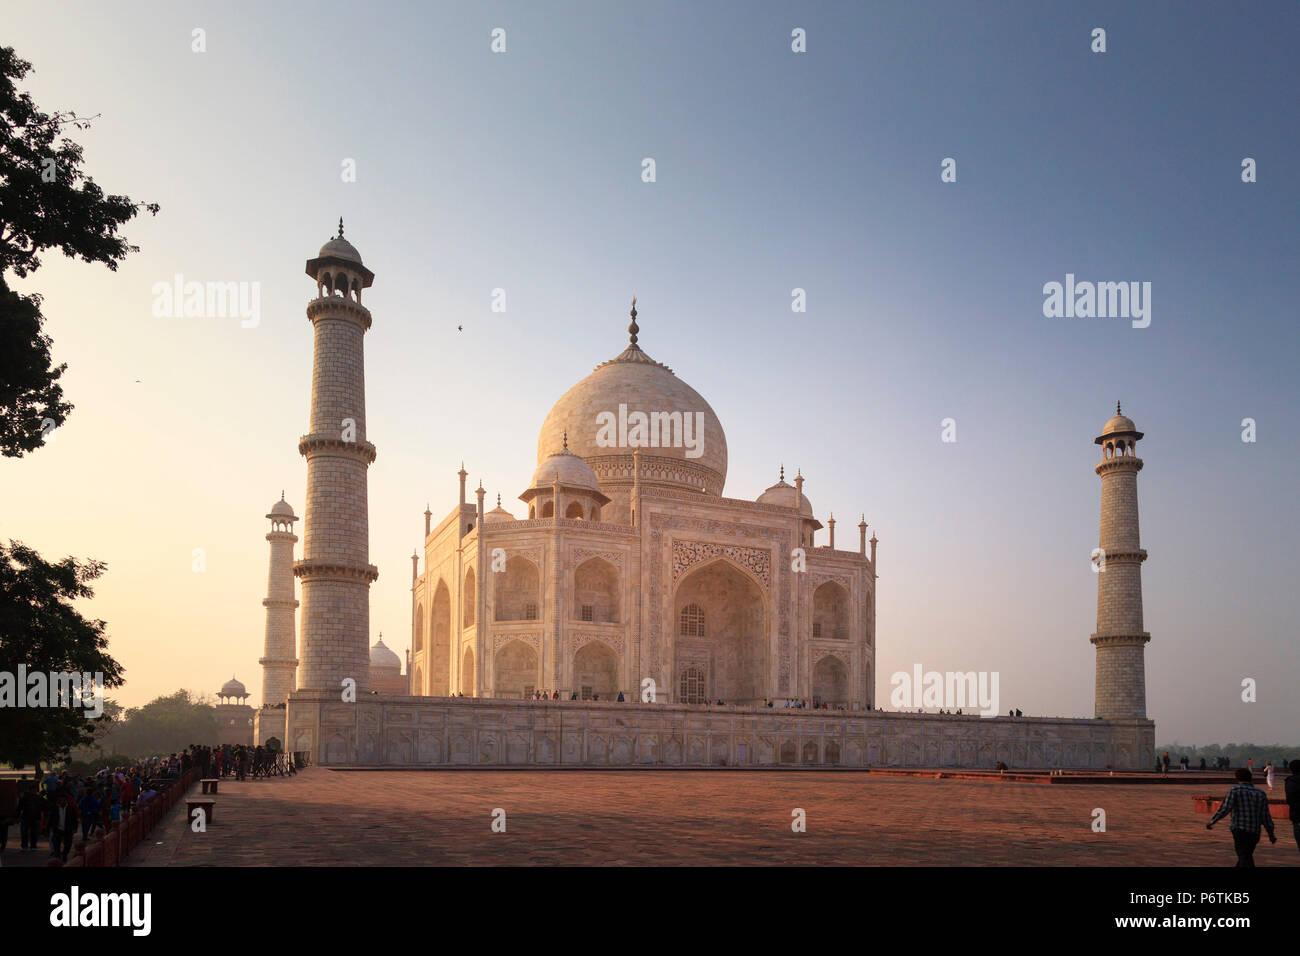 La India, Uttar Pradesh, Agra, Taj Mahal (UNESCO sitio) Imagen De Stock